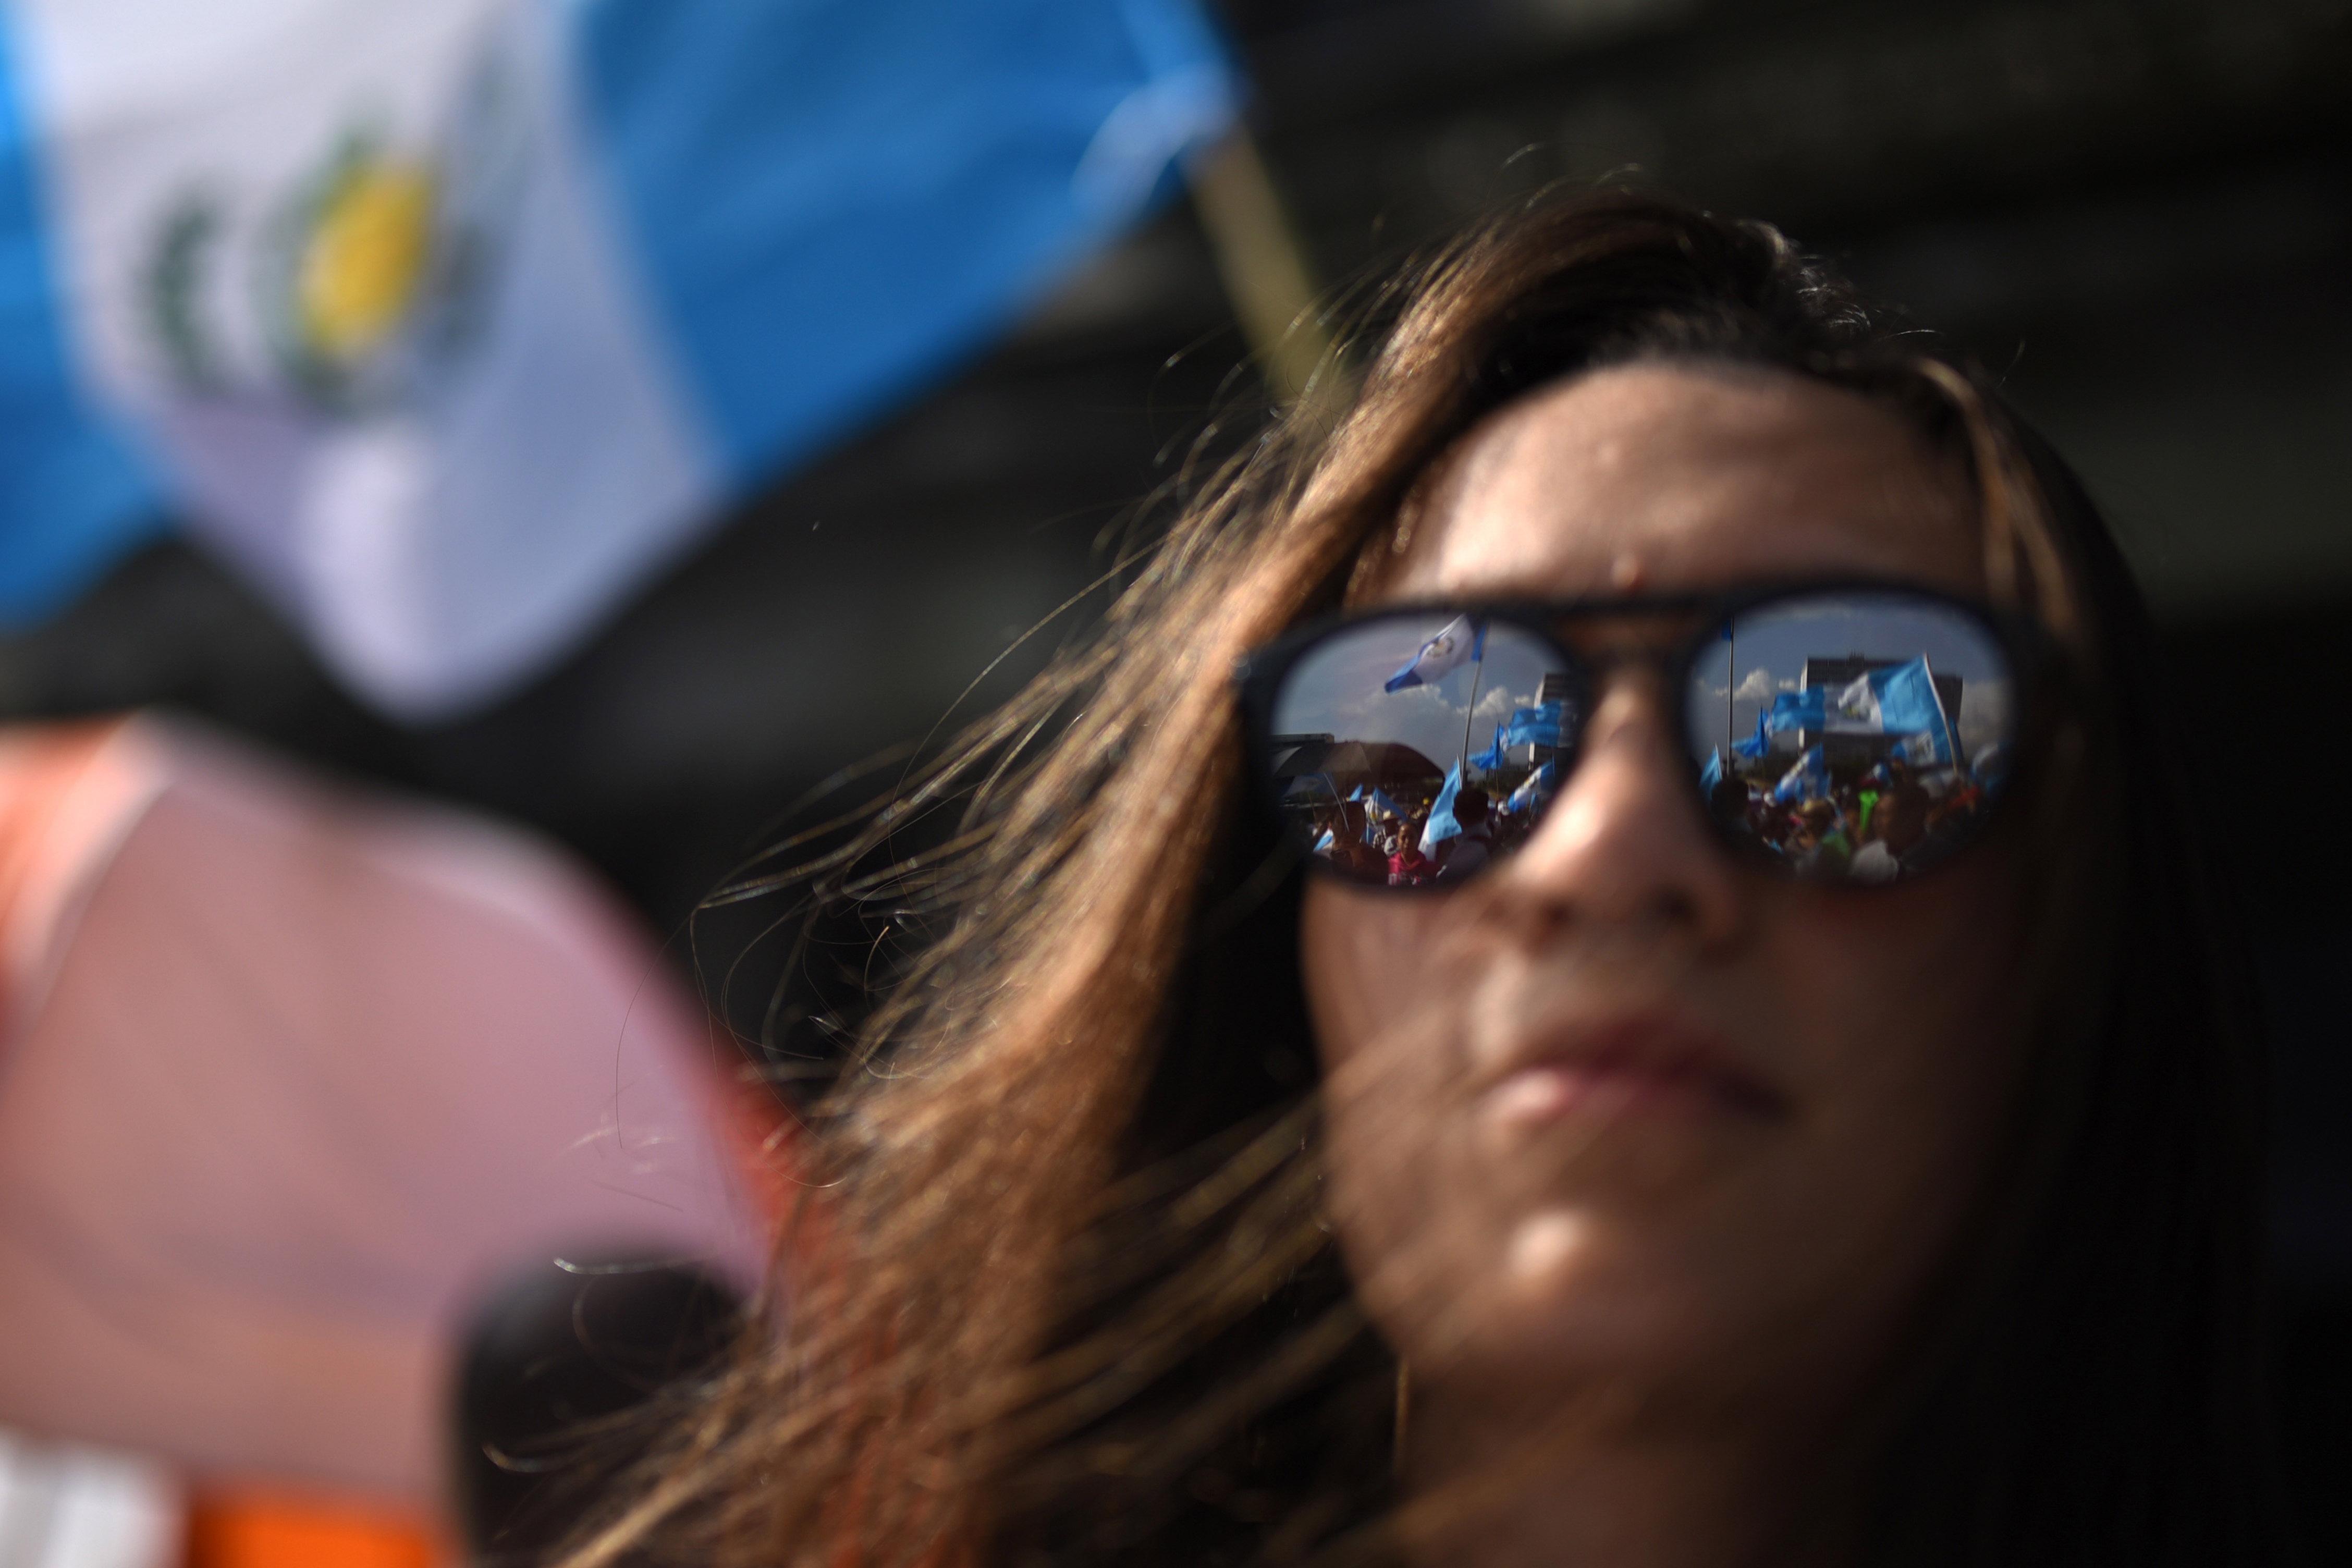 Dos a±os después de la cada de Pérez Molina vuelven las protestas a las calles de Guatemala Univision